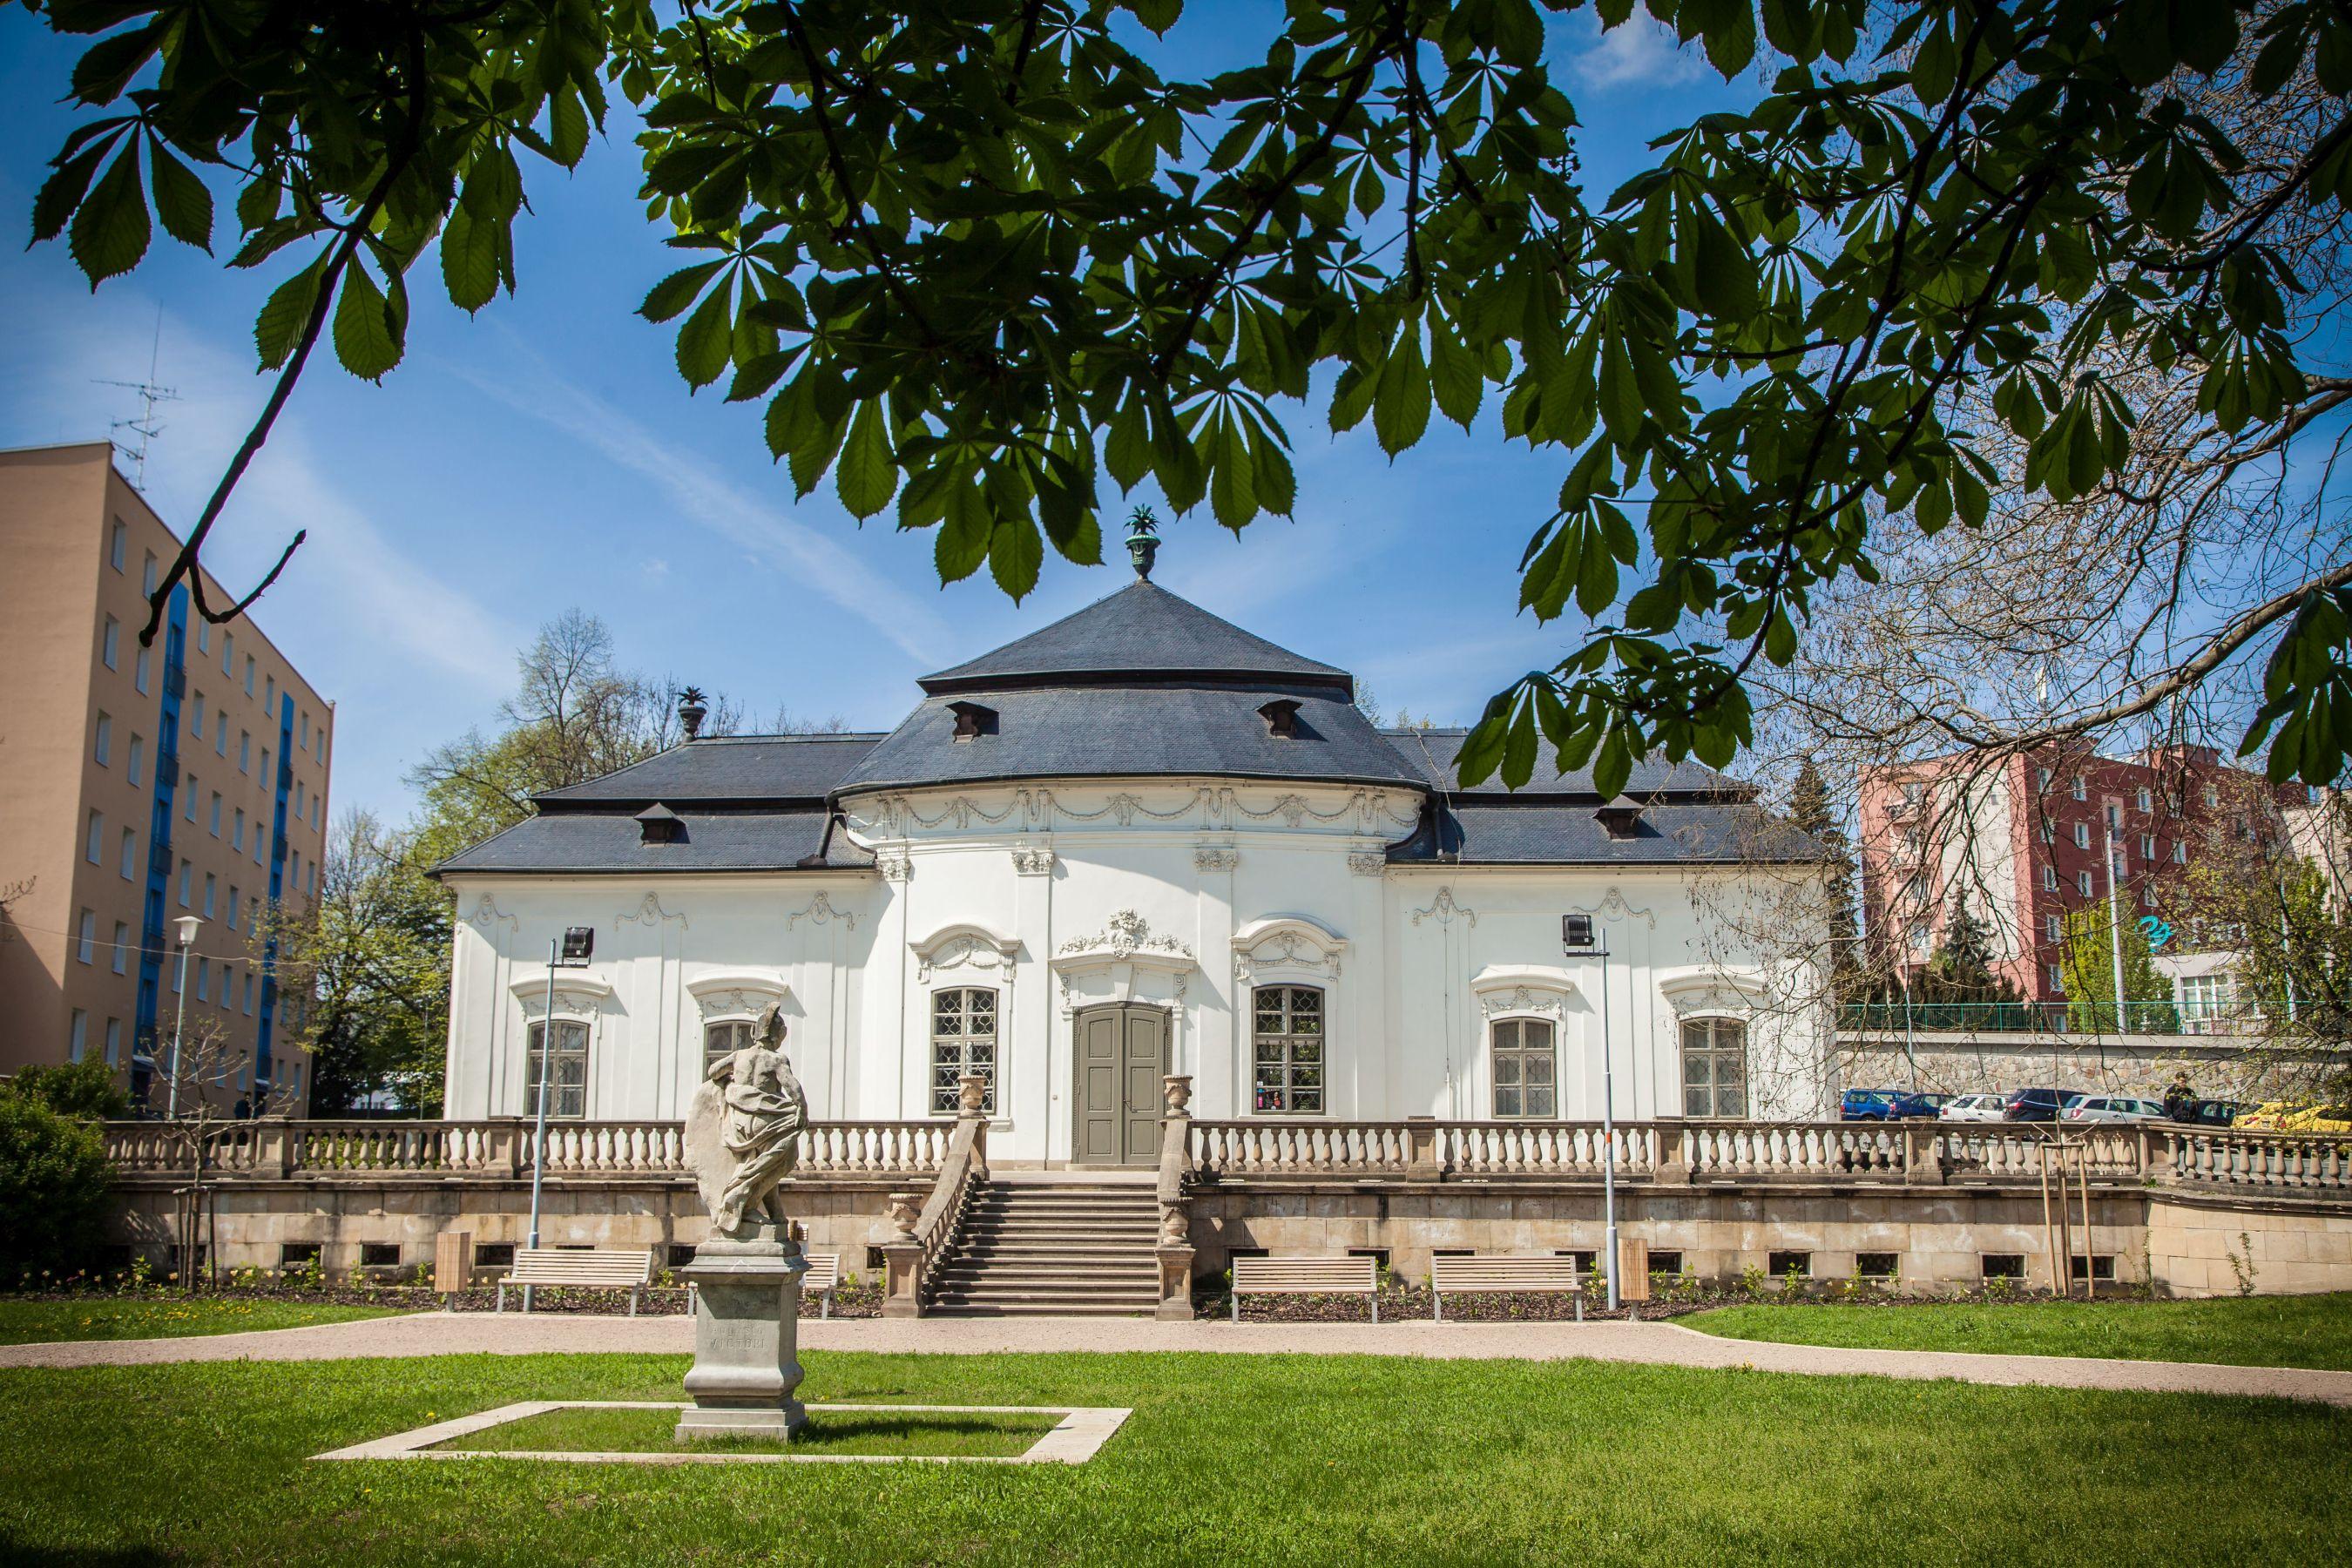 Summer villa of the Mitrovský family (Letohrádek Mitrovských) in Brno